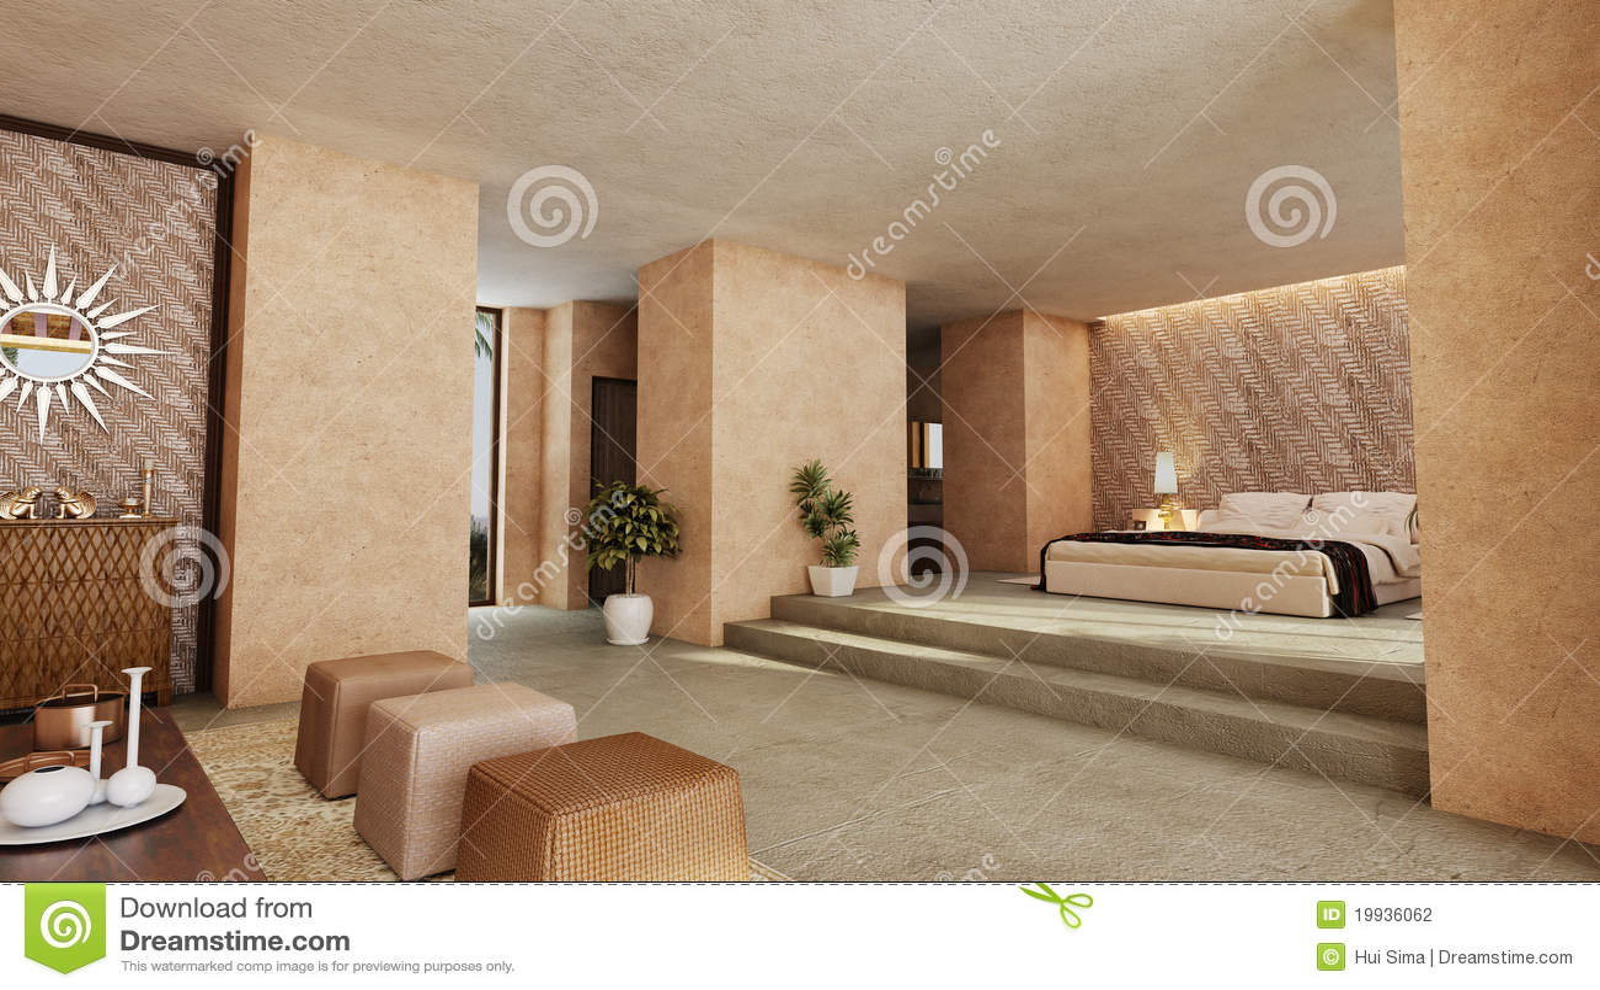 Camere da letto orientali camera da letto moderna with - Camere da letto stile orientale ...